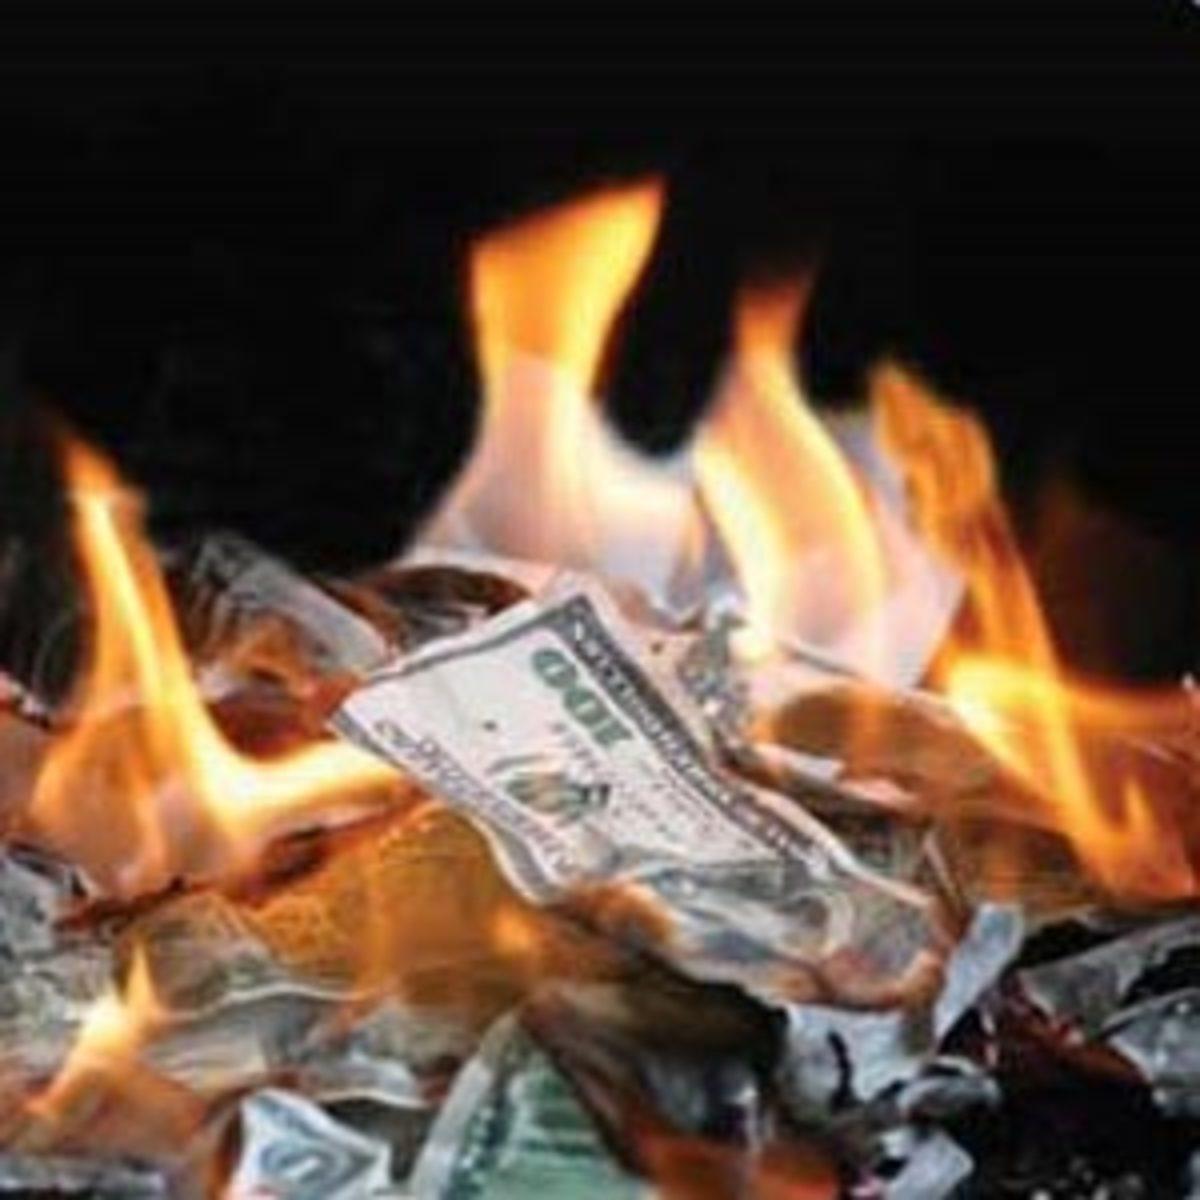 Are you burning money?